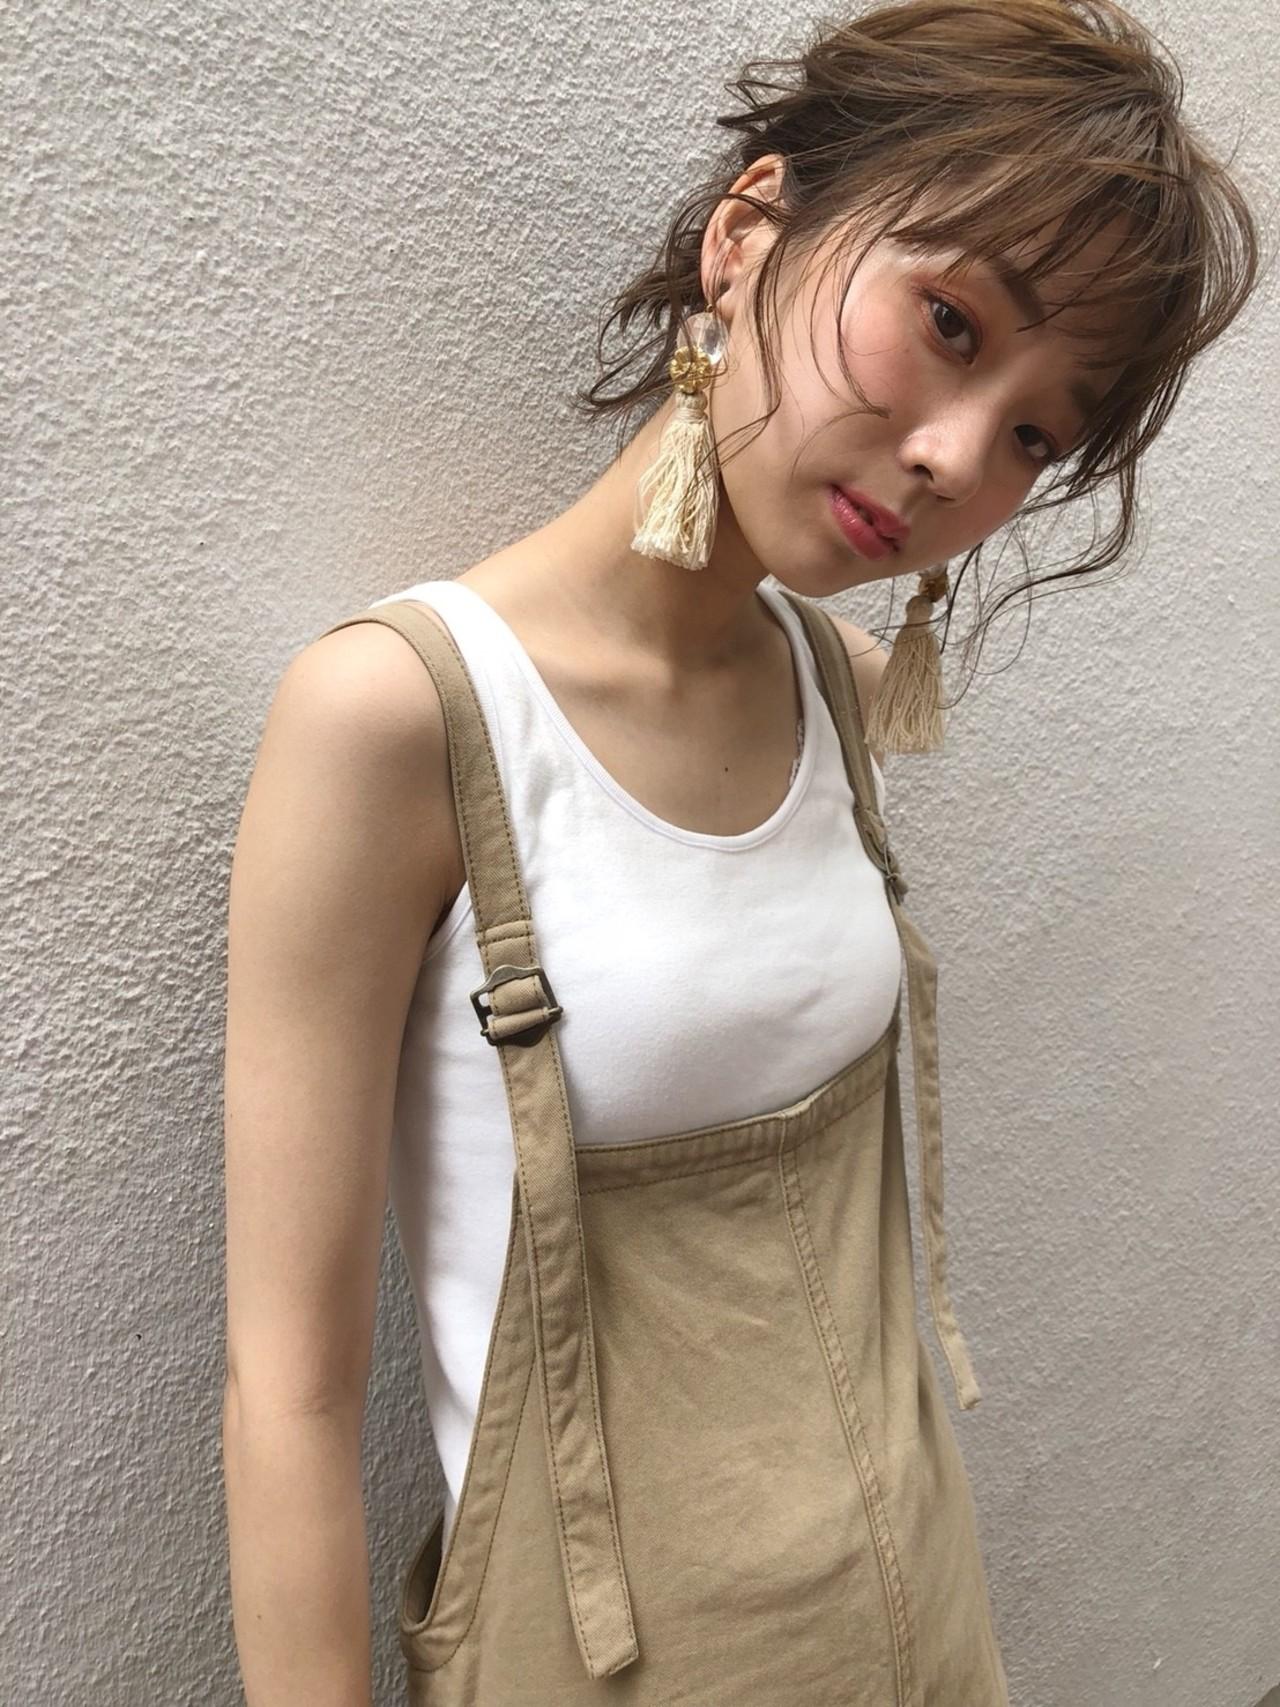 大人かわいい 抜け感 夏 涼しげ ヘアスタイルや髪型の写真・画像 | 杉本侑菜 (すぎもと ありな) /